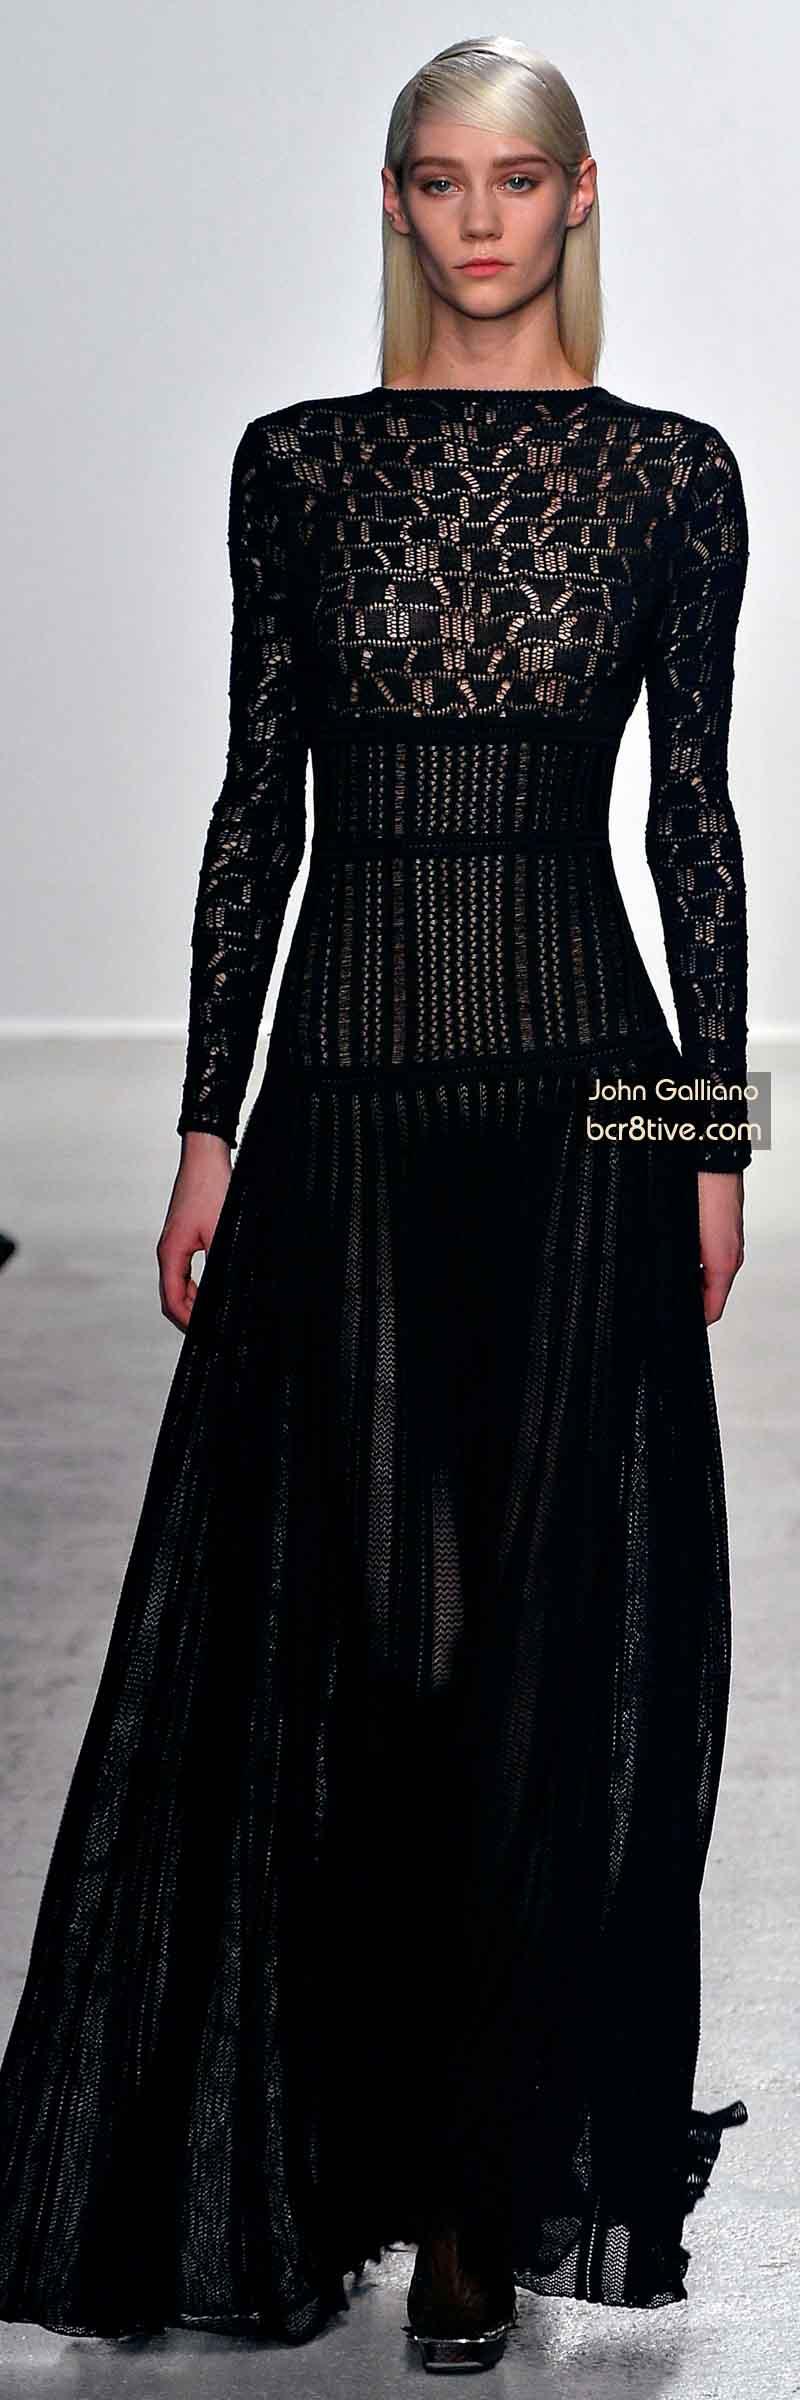 John Galliano FW 2014 #ParisFashionWeek